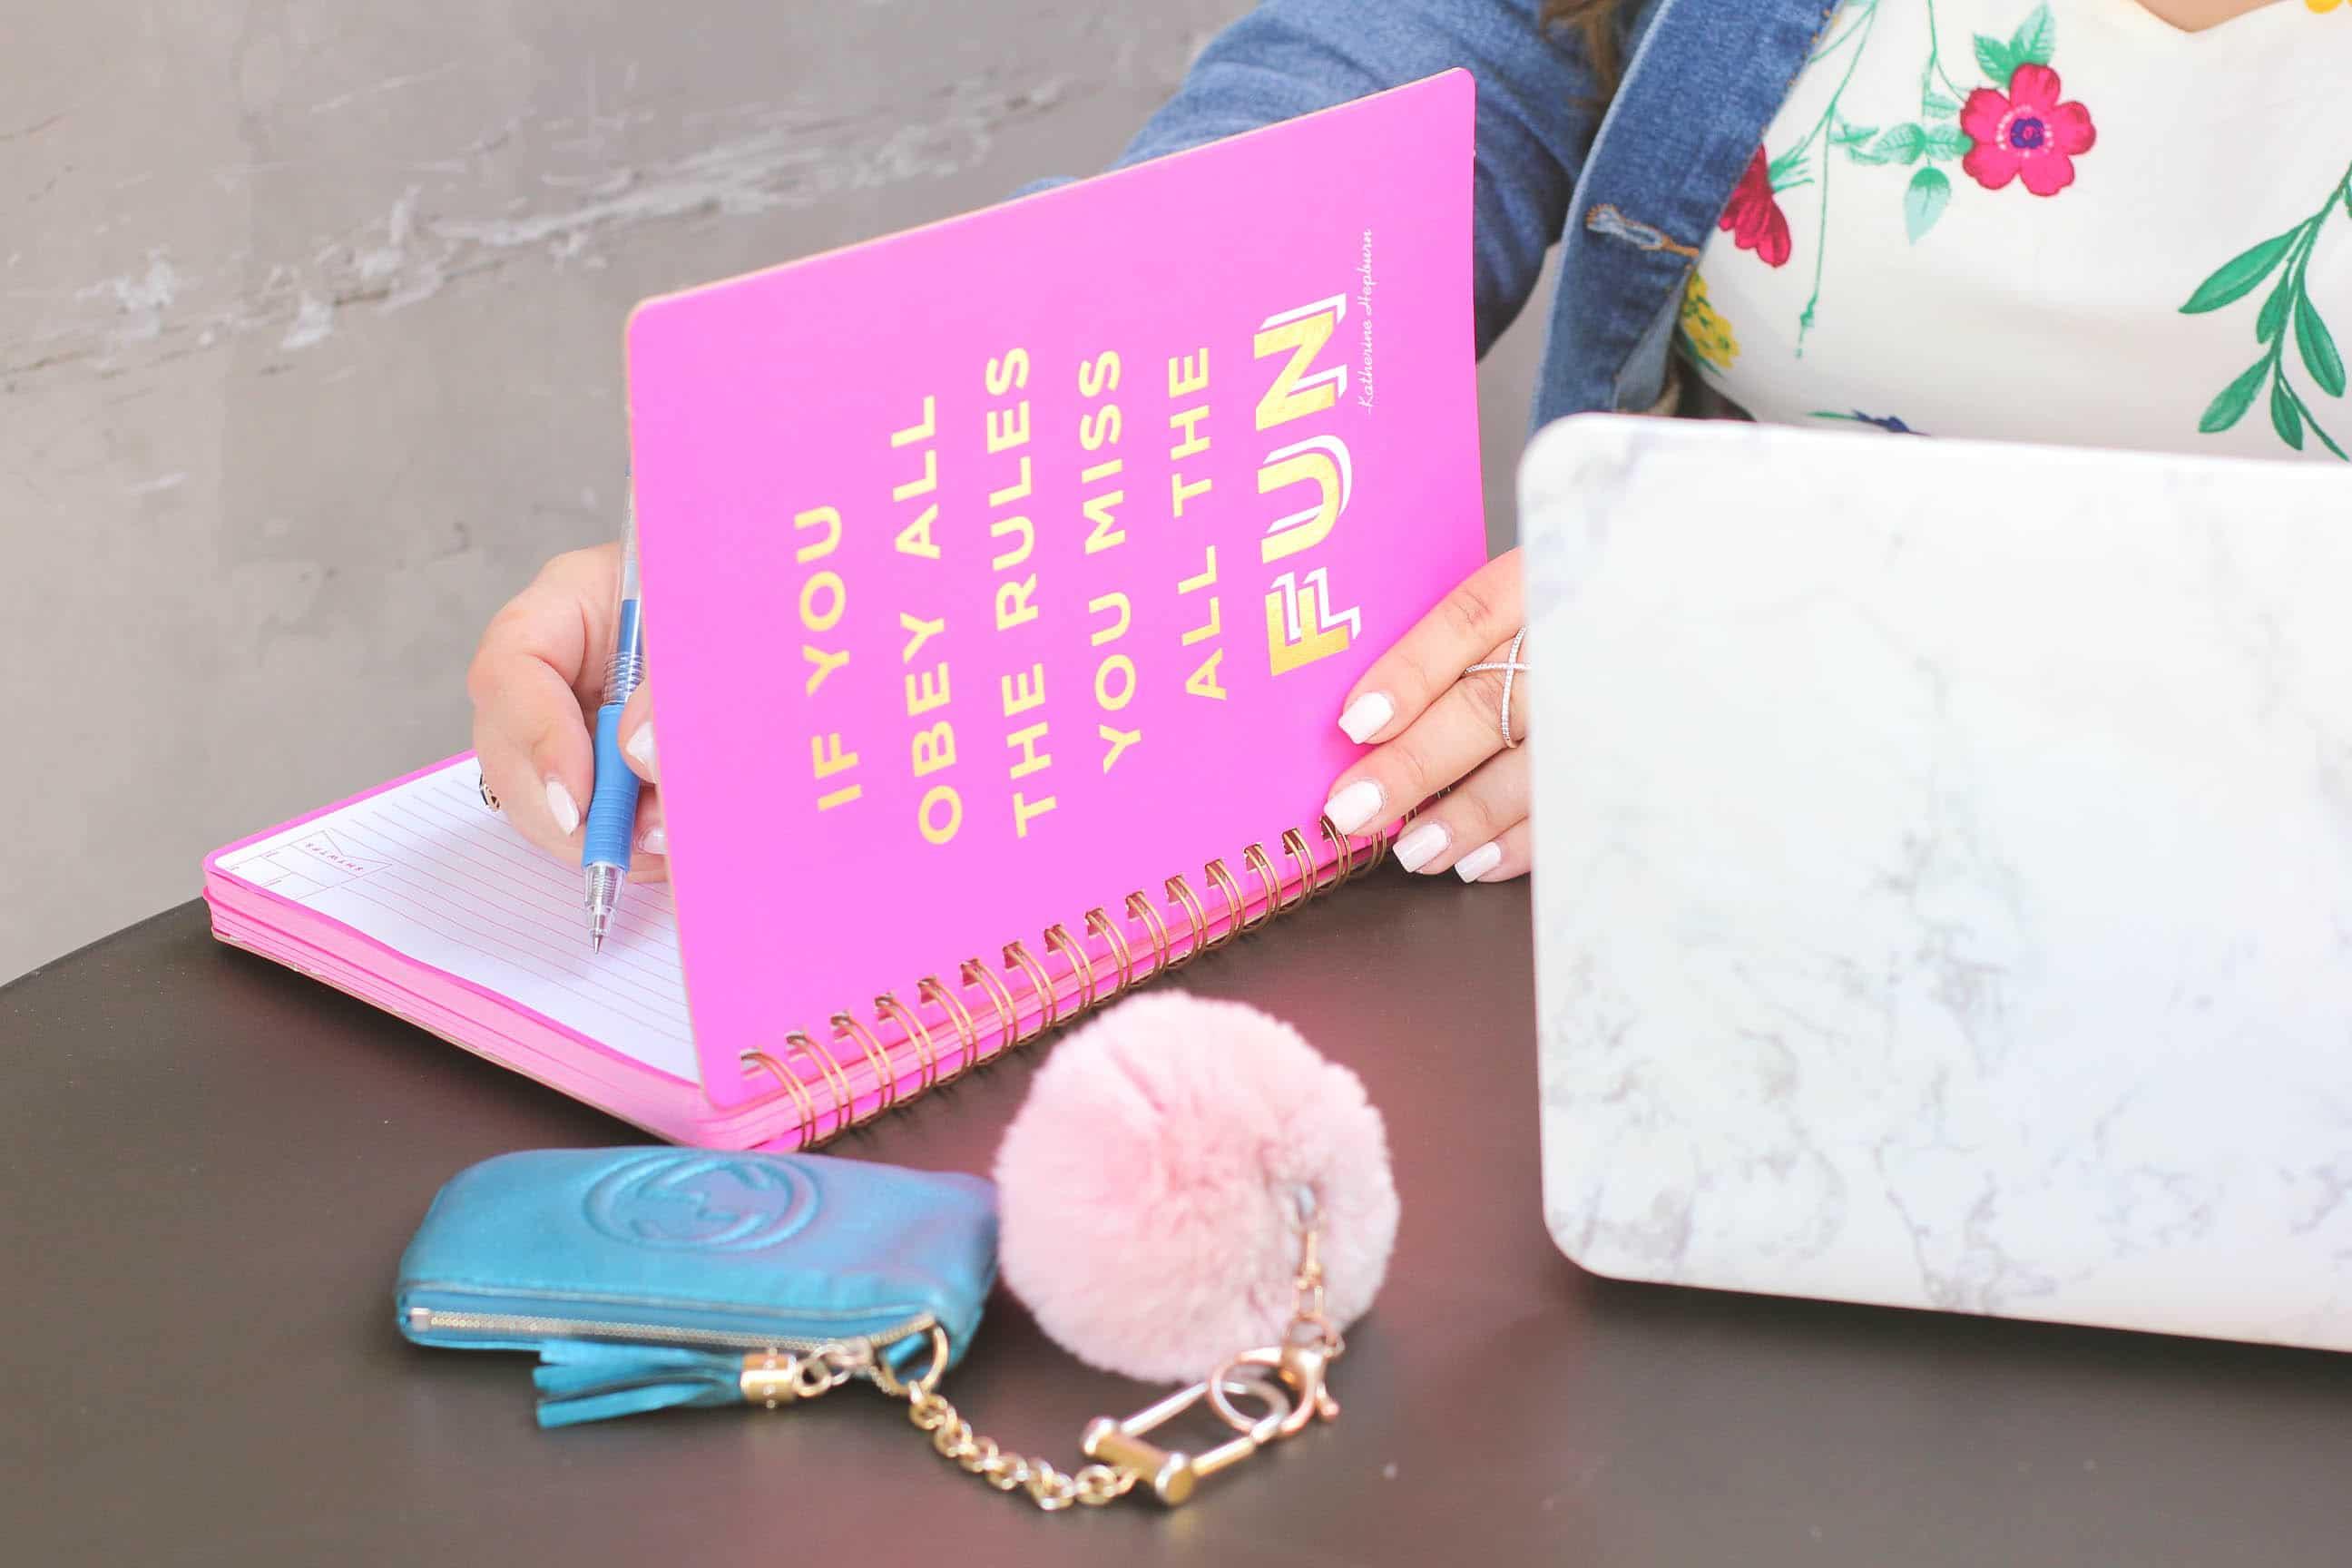 missyonmadison, missyonmadison instagram, missyonmadison blog, fashion blog, fashion blogger, style blog, style blogger, vsco, vsco presets, vsco editing, lightroom, lightroom presets, how to edit in lightroom, insta worthy photos, editing photos for instagram, bloglovin, dreamy presets, facetune, facetune editing app, airbrush app, airbrush iphone app, vsco app, lightroom mobile app, snapseed editing app, snapseed,